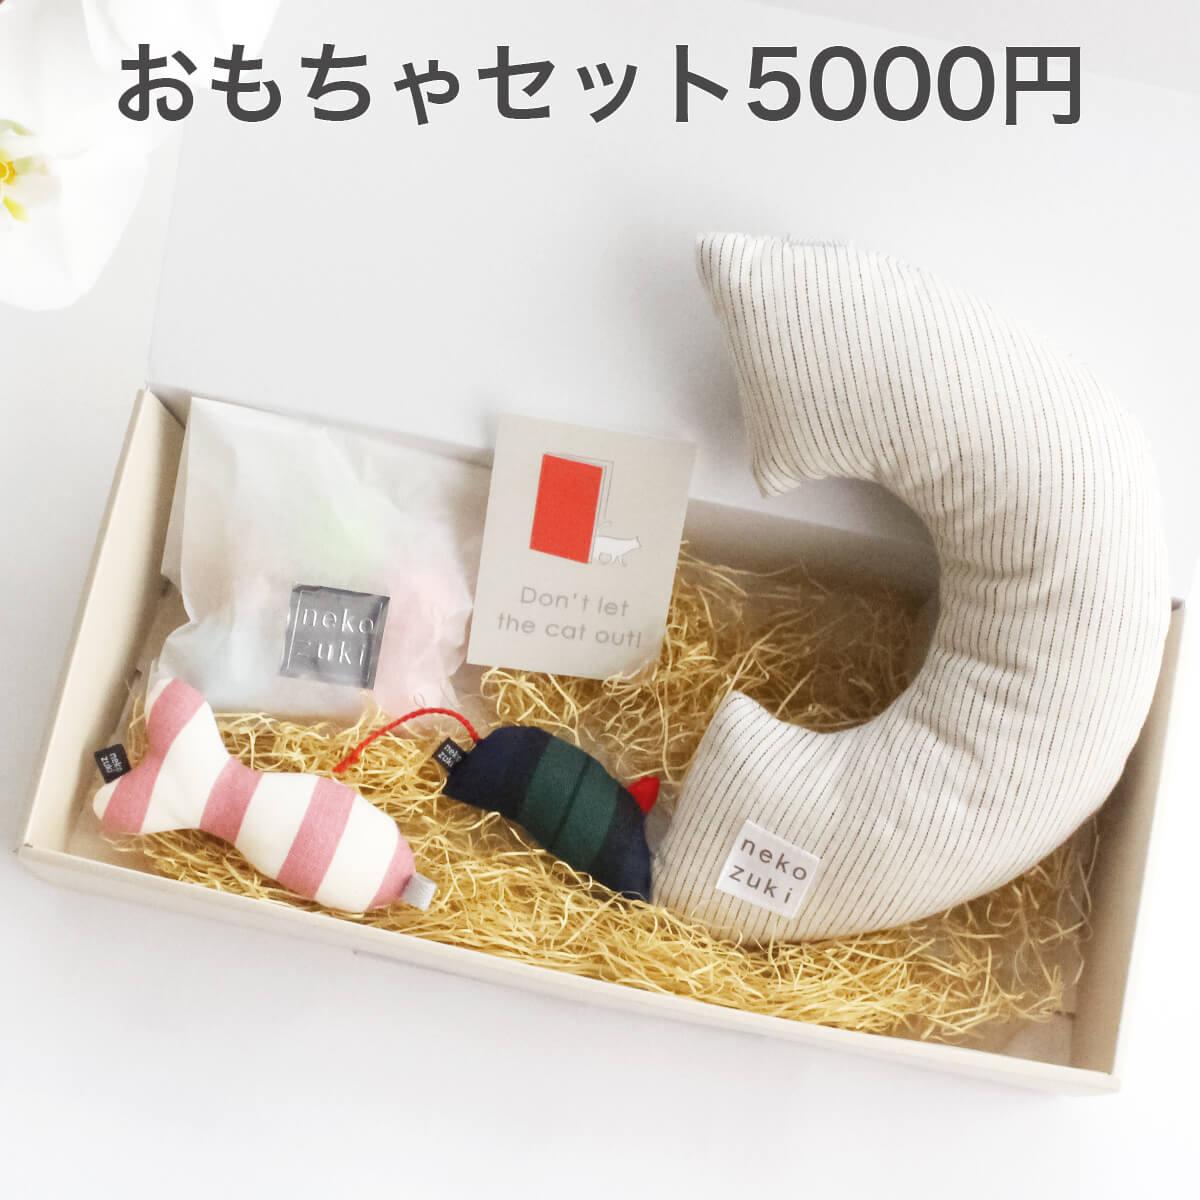 日本製 猫 おもちゃ 5000円 セット 福袋 ボール けりぐるみ ぬいぐるみ 脱走防止